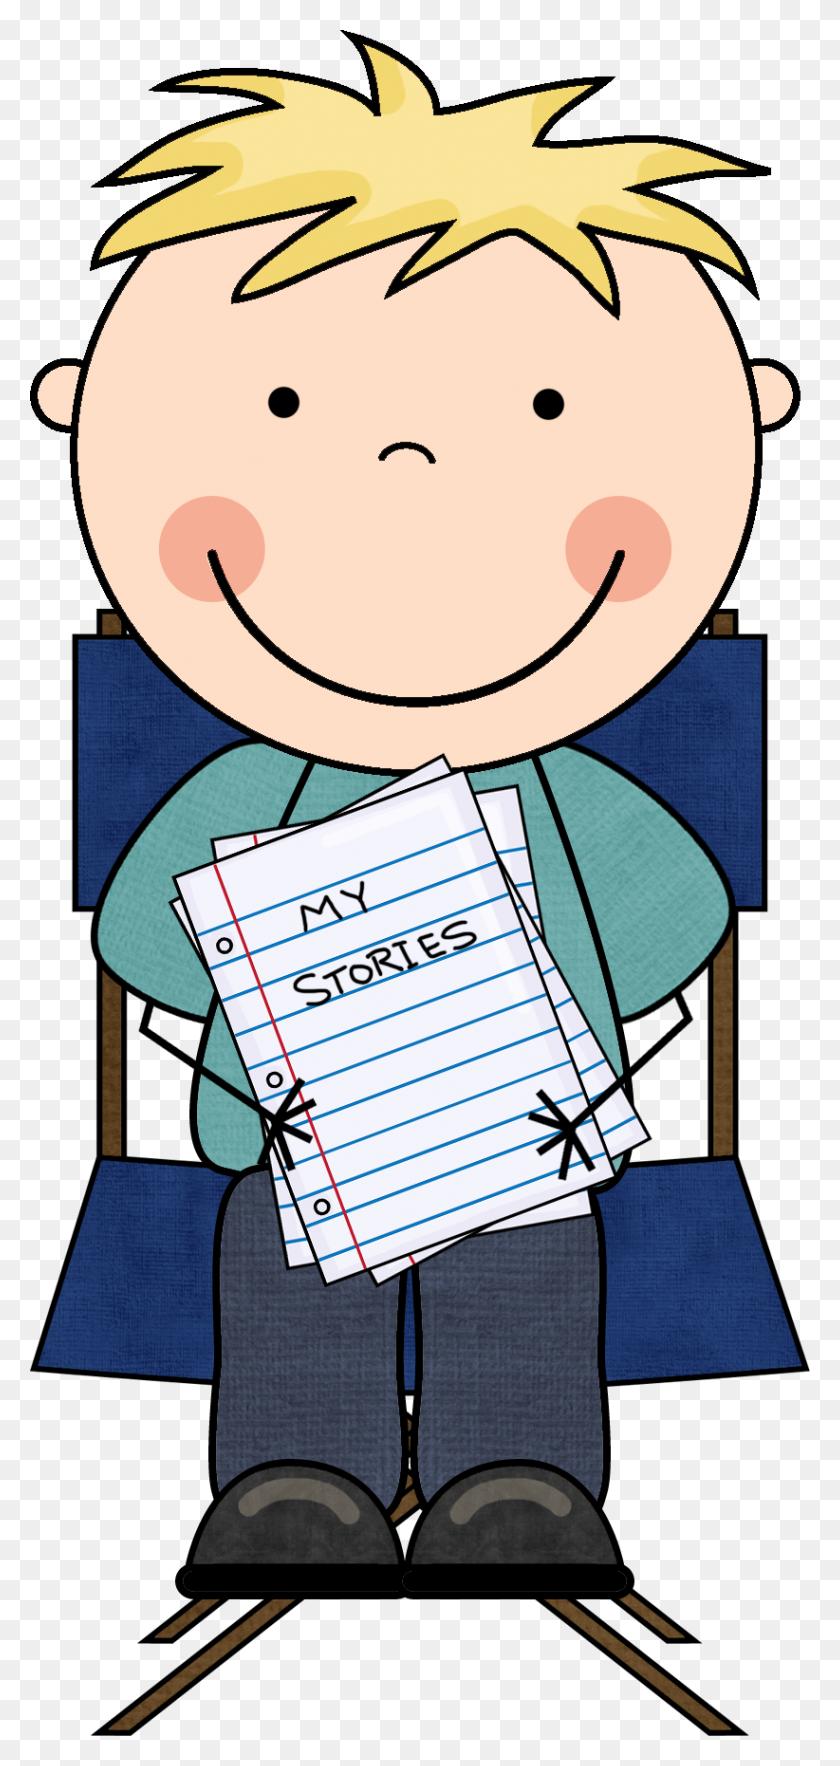 Pencil Sharpener Clipart Scrappin Doodle - Scrappin Doodles Clipart